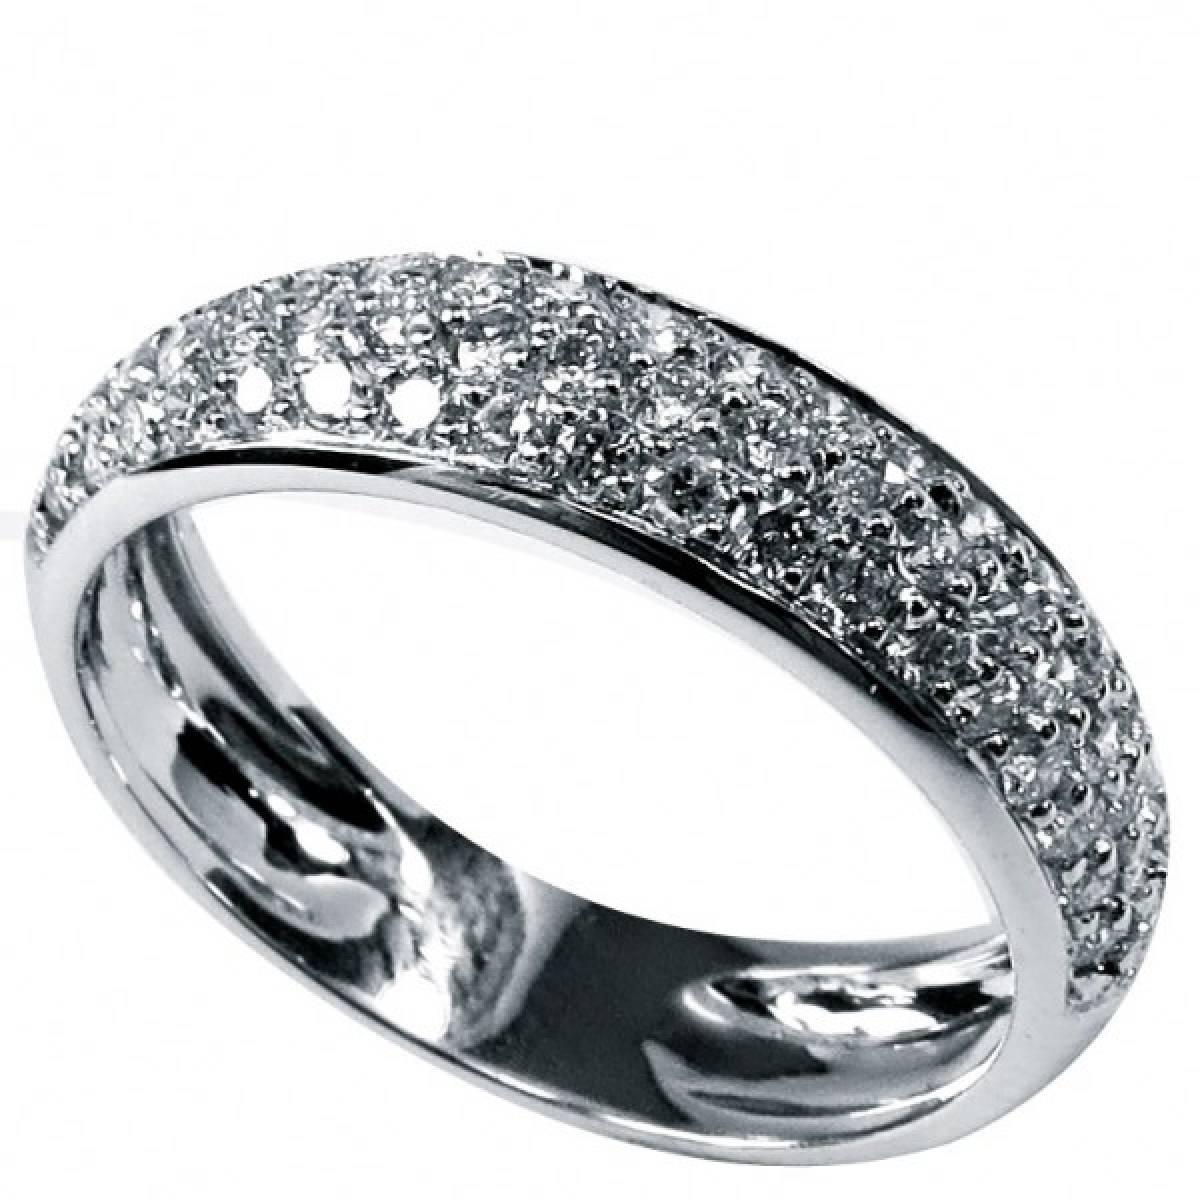 Anel de Noivado em ouro de 9 e 19 kts, com diamantes ou zircónias